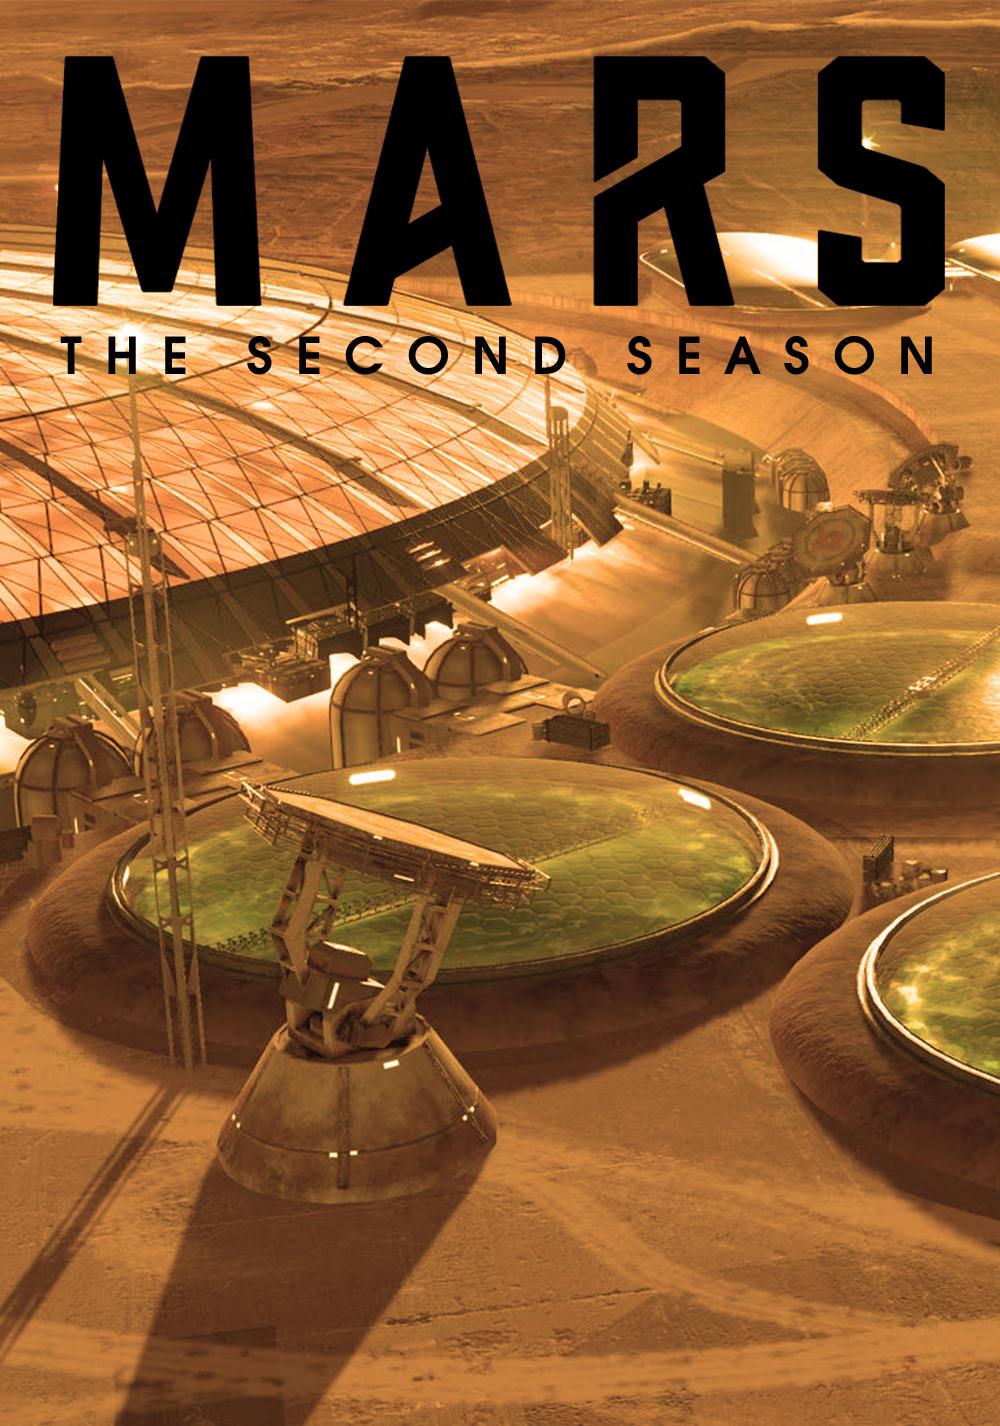 Mars (TV Series 2016– ) (S02) 192Kbps 23Fps DD 2Ch TR TV Audio SHS